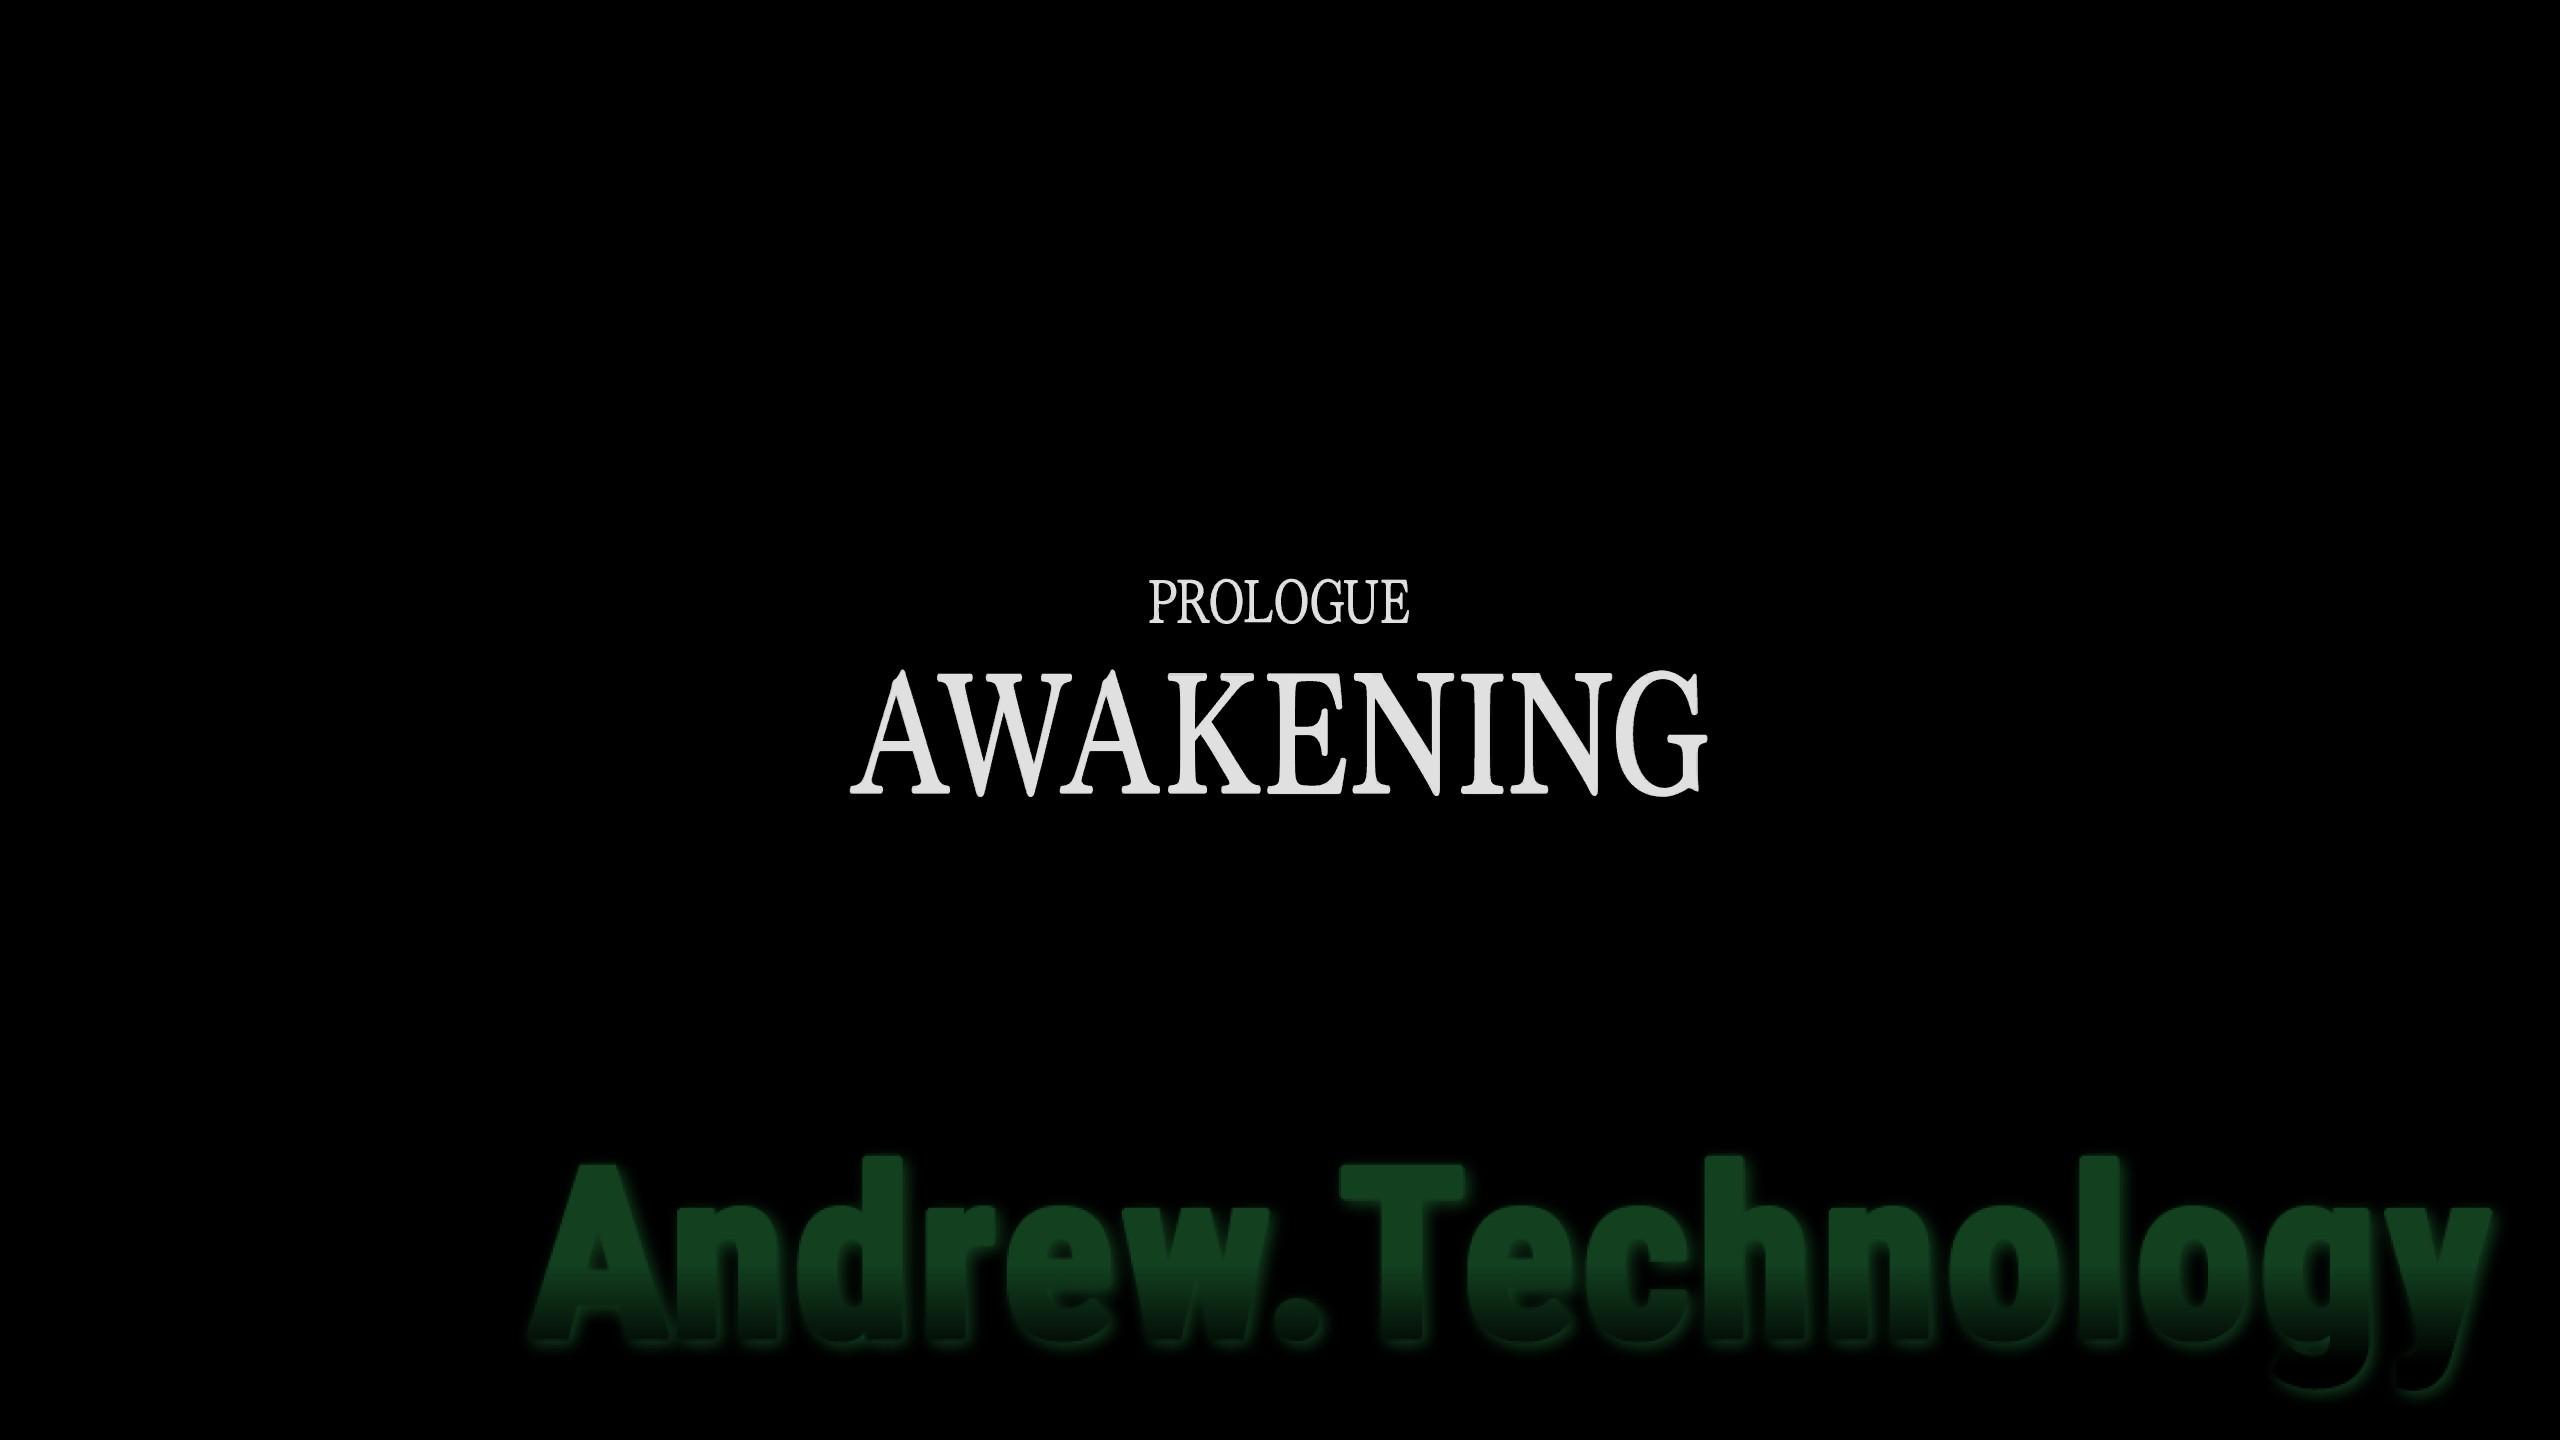 Prolouge Awakening